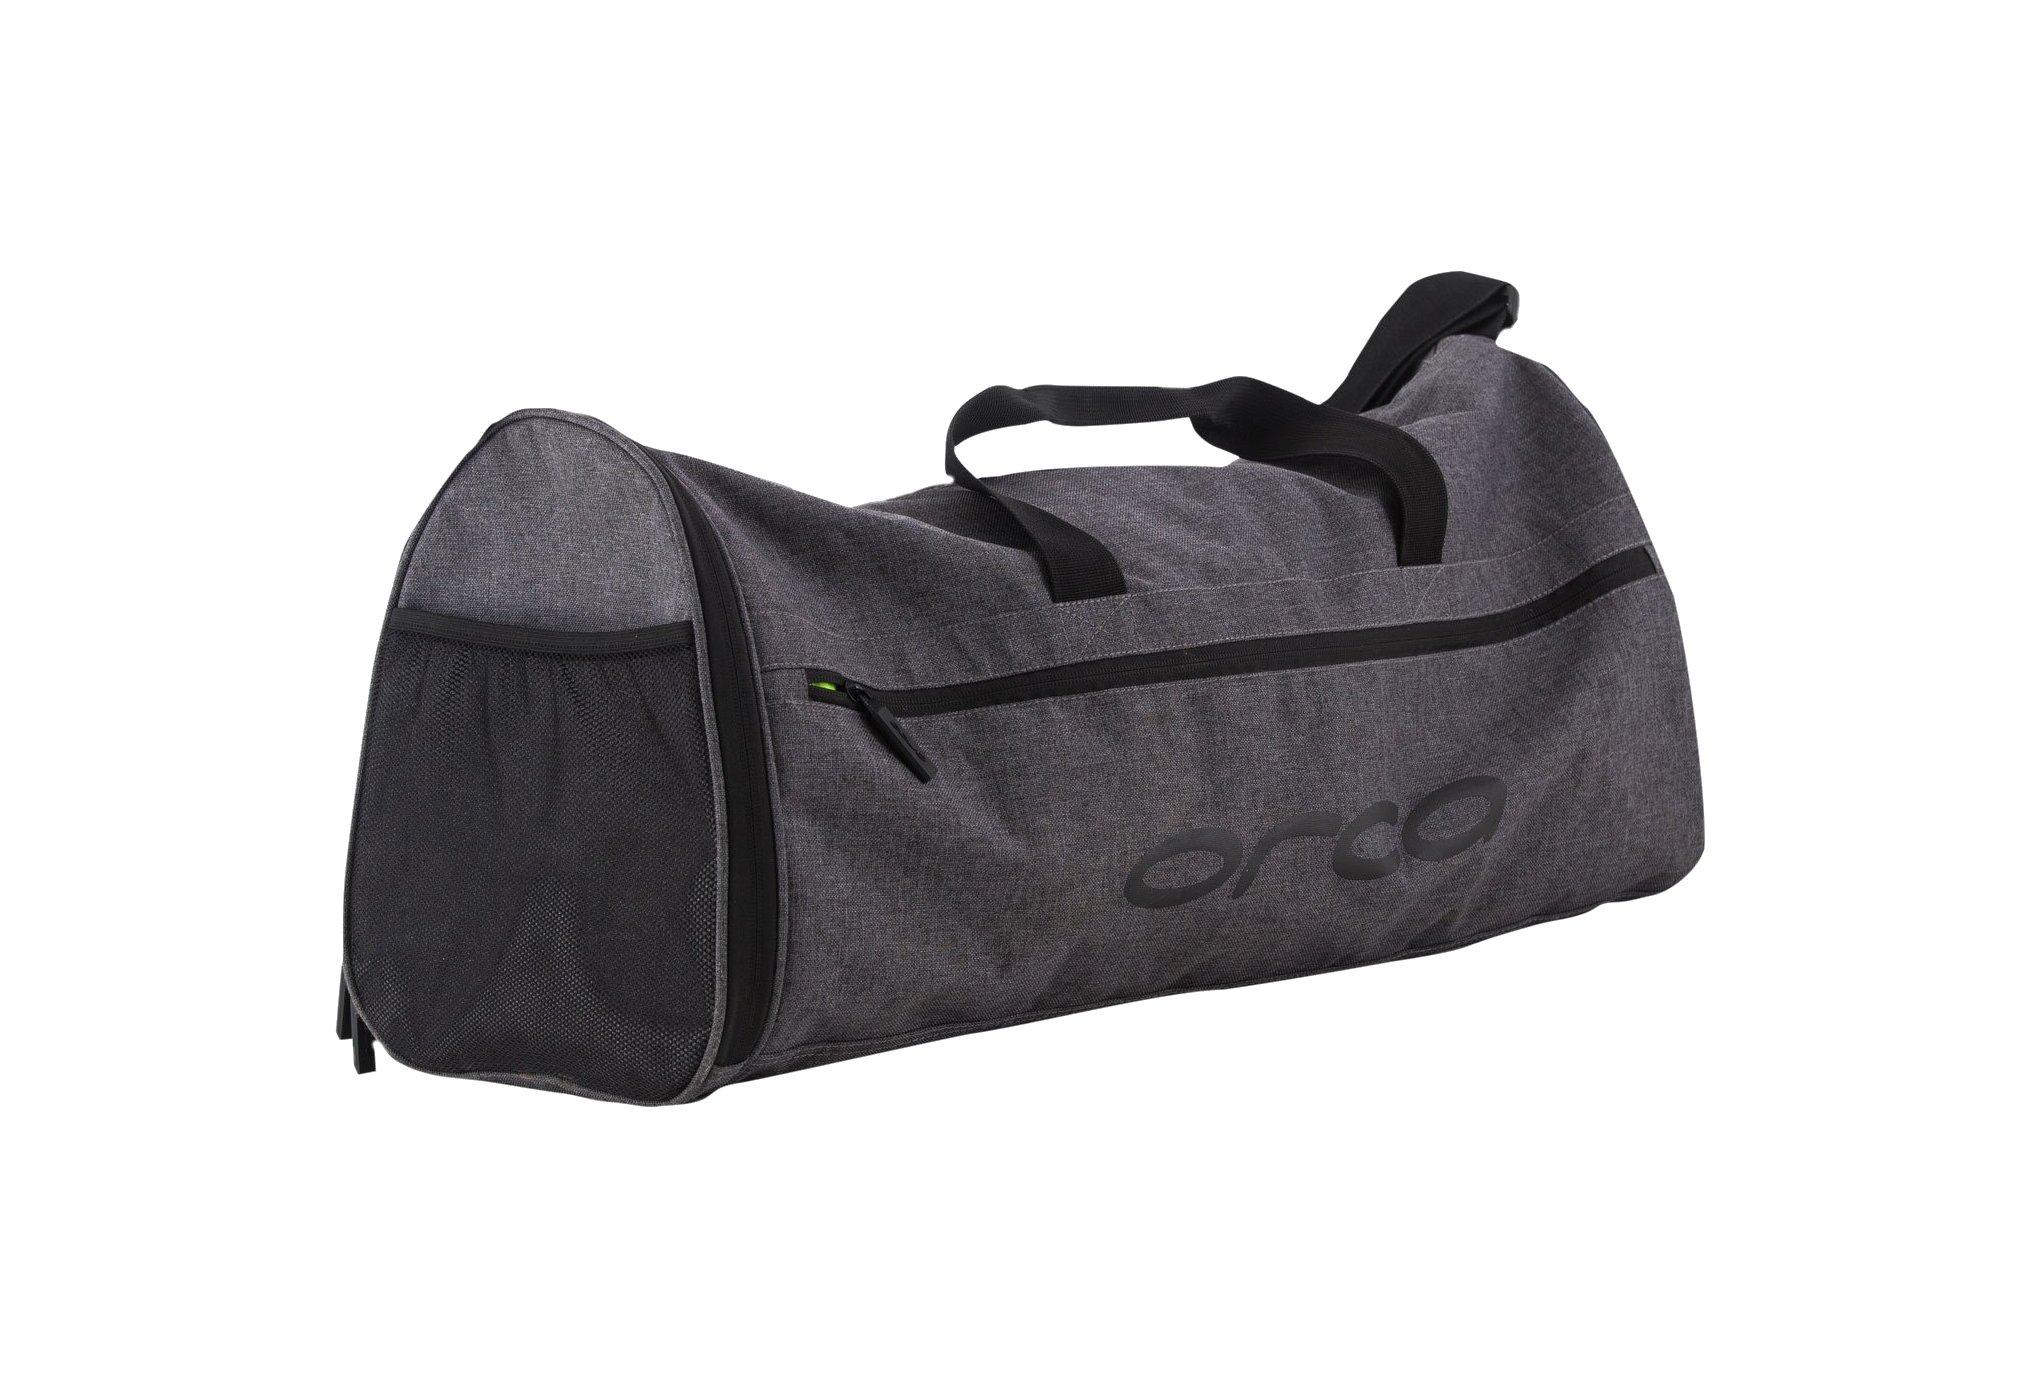 Orca Training Bag Diététique Accessoires